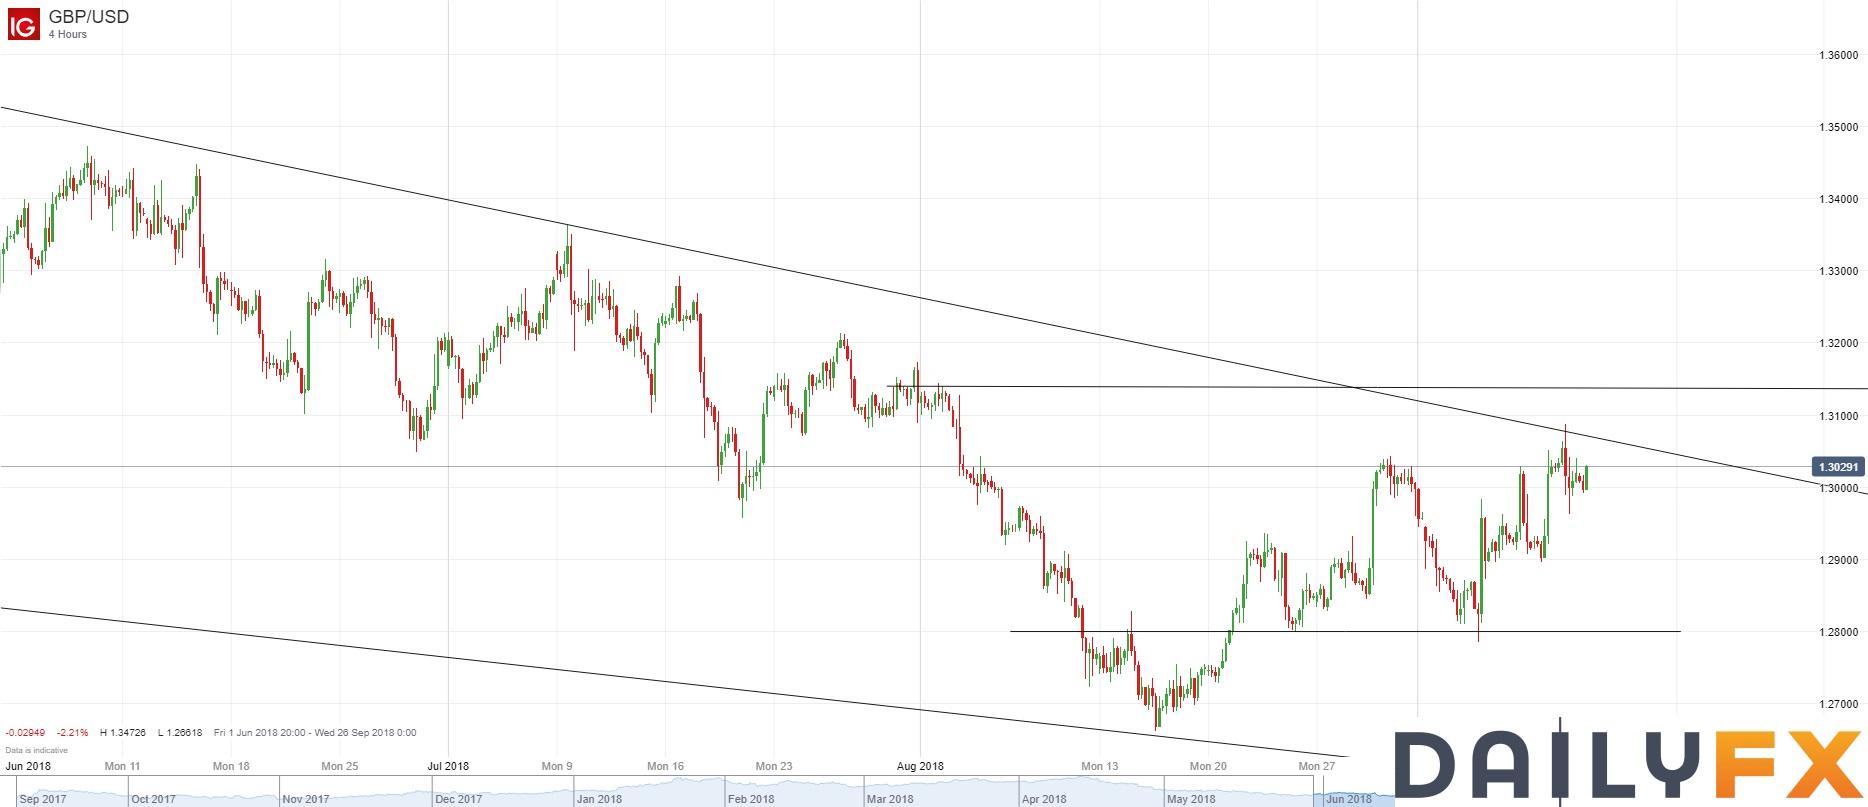 英镑/美元技术分析:4小时图受阻于自5月14日开始的压力线